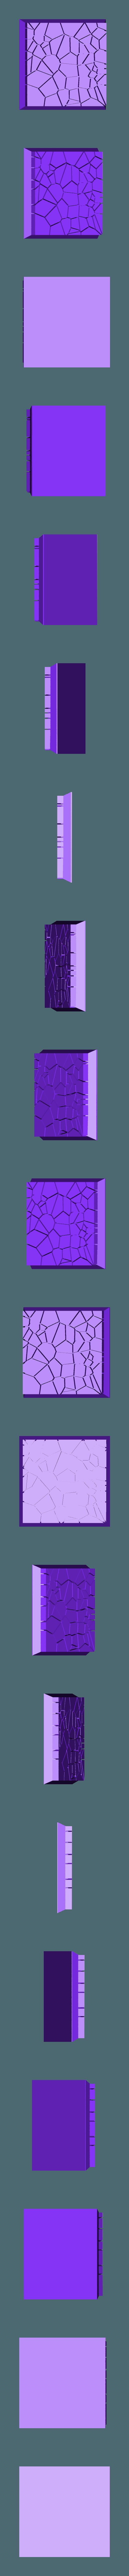 Cracked_Paving_25mm_3.stl Télécharger fichier STL gratuit Dallage fissuré / Bases carrées à effet de lave pour la saga Dungeon, Kingd of war, Warhammer fantasy battle etc • Objet imprimable en 3D, redstarkits